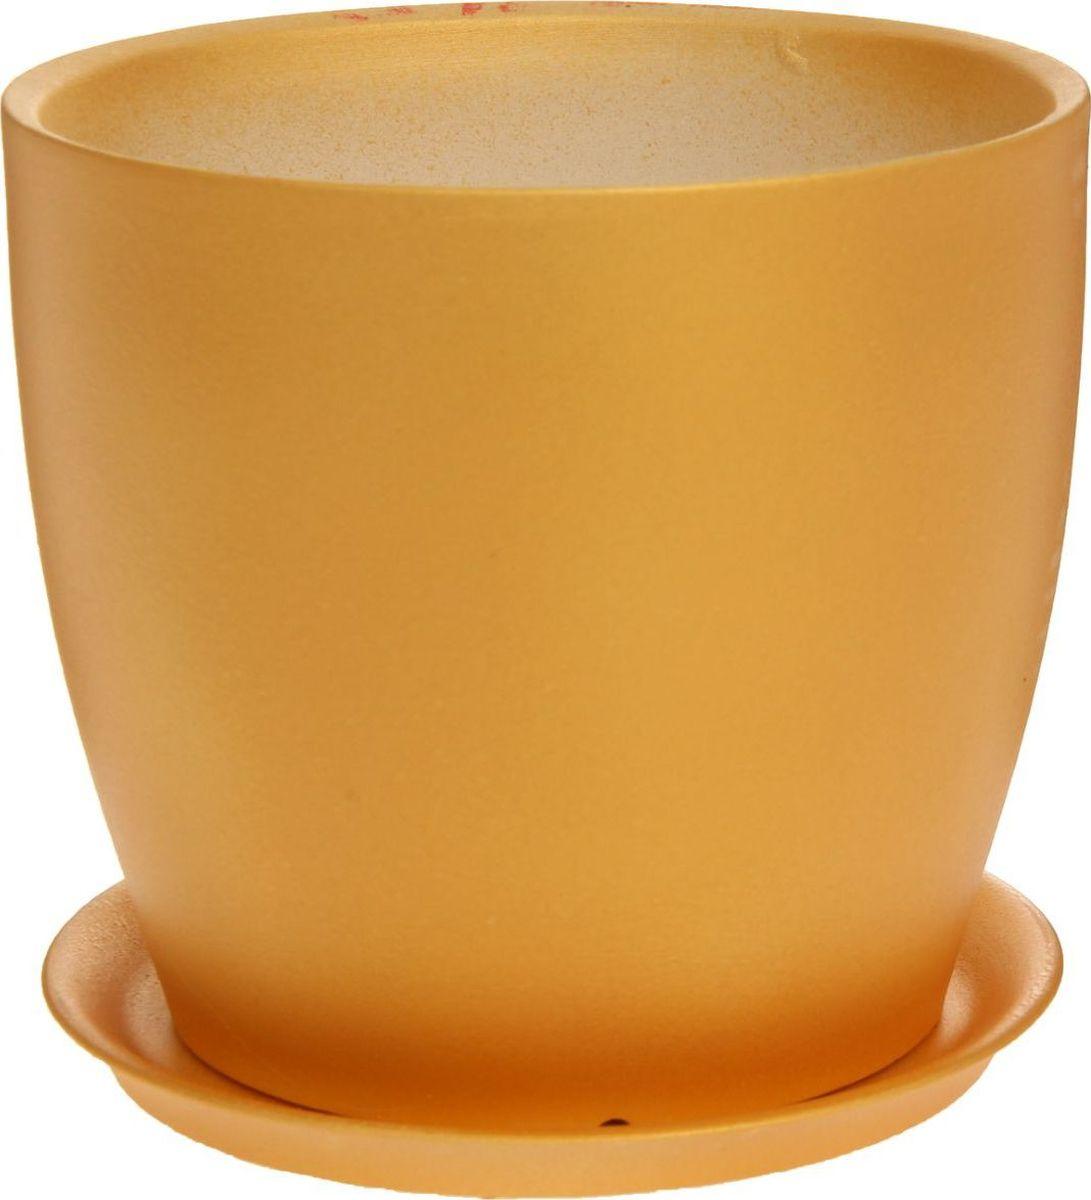 Кашпо Керамика ручной работы Осень, цвет: золотой, 3 л1170344Комнатные растения — всеобщие любимцы. Они радуют глаз, насыщают помещение кислородом и украшают пространство. Каждому из них необходим свой удобный и красивый дом. Кашпо из керамики прекрасно подходят для высадки растений: за счёт пластичности глины и разных способов обработки существует великое множество форм и дизайновпористый материал позволяет испаряться лишней влагевоздух, необходимый для дыхания корней, проникает сквозь керамические стенки! #name# позаботится о зелёном питомце, освежит интерьер и подчеркнёт его стиль.